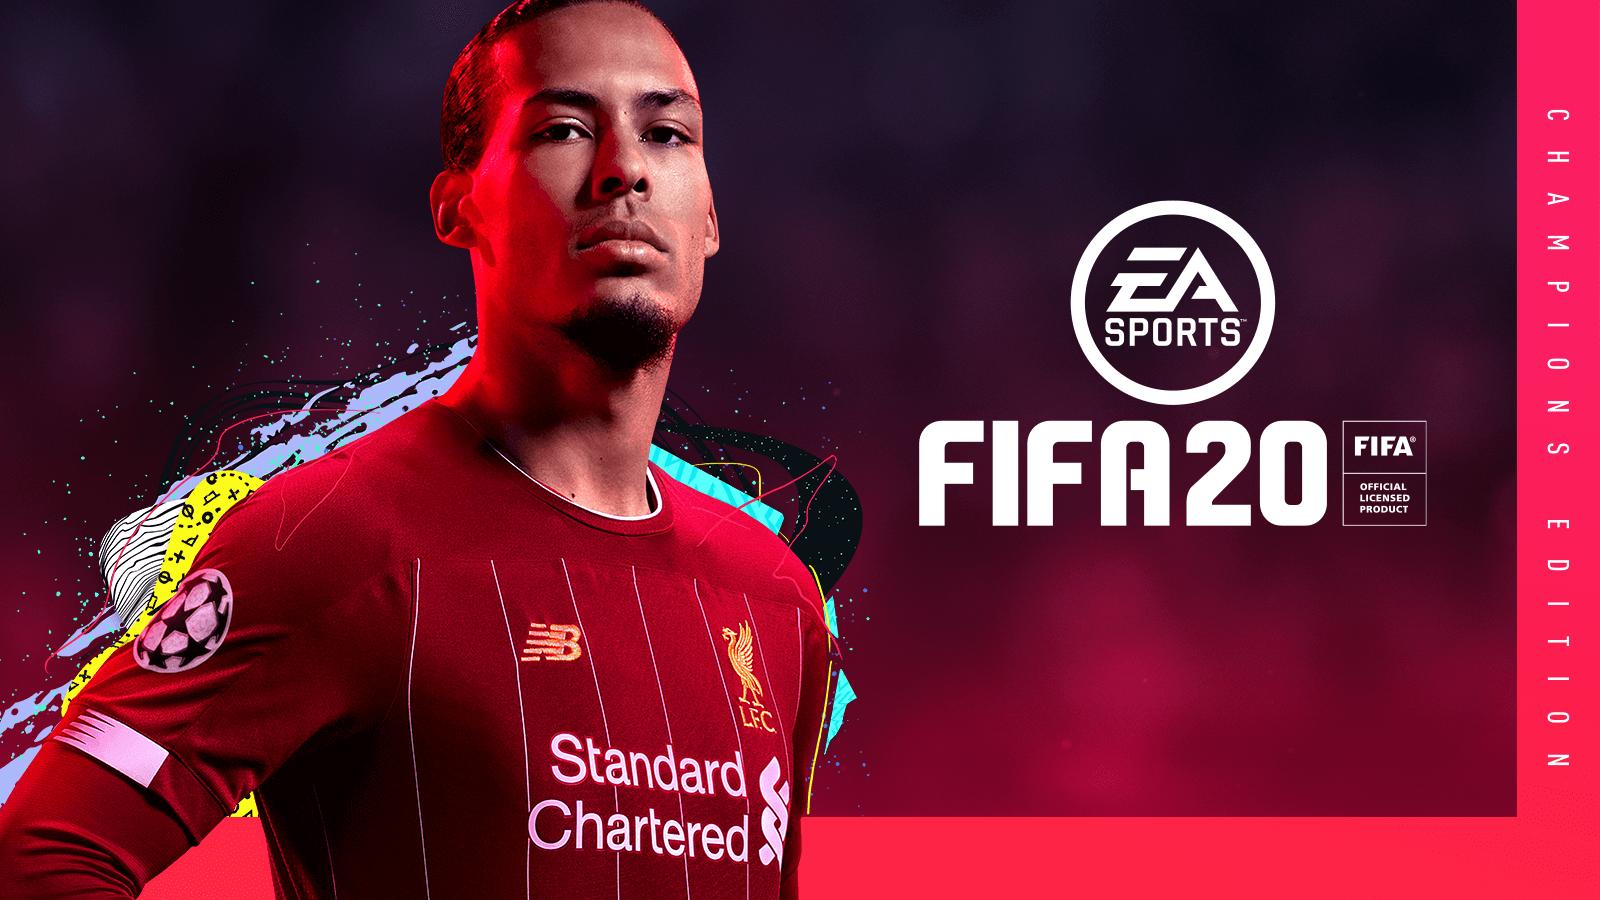 Esta situação levou a EA a publicar um comunicado com a punição do jogador por violar o Código de Conduta da Global Series de FIFA 20.